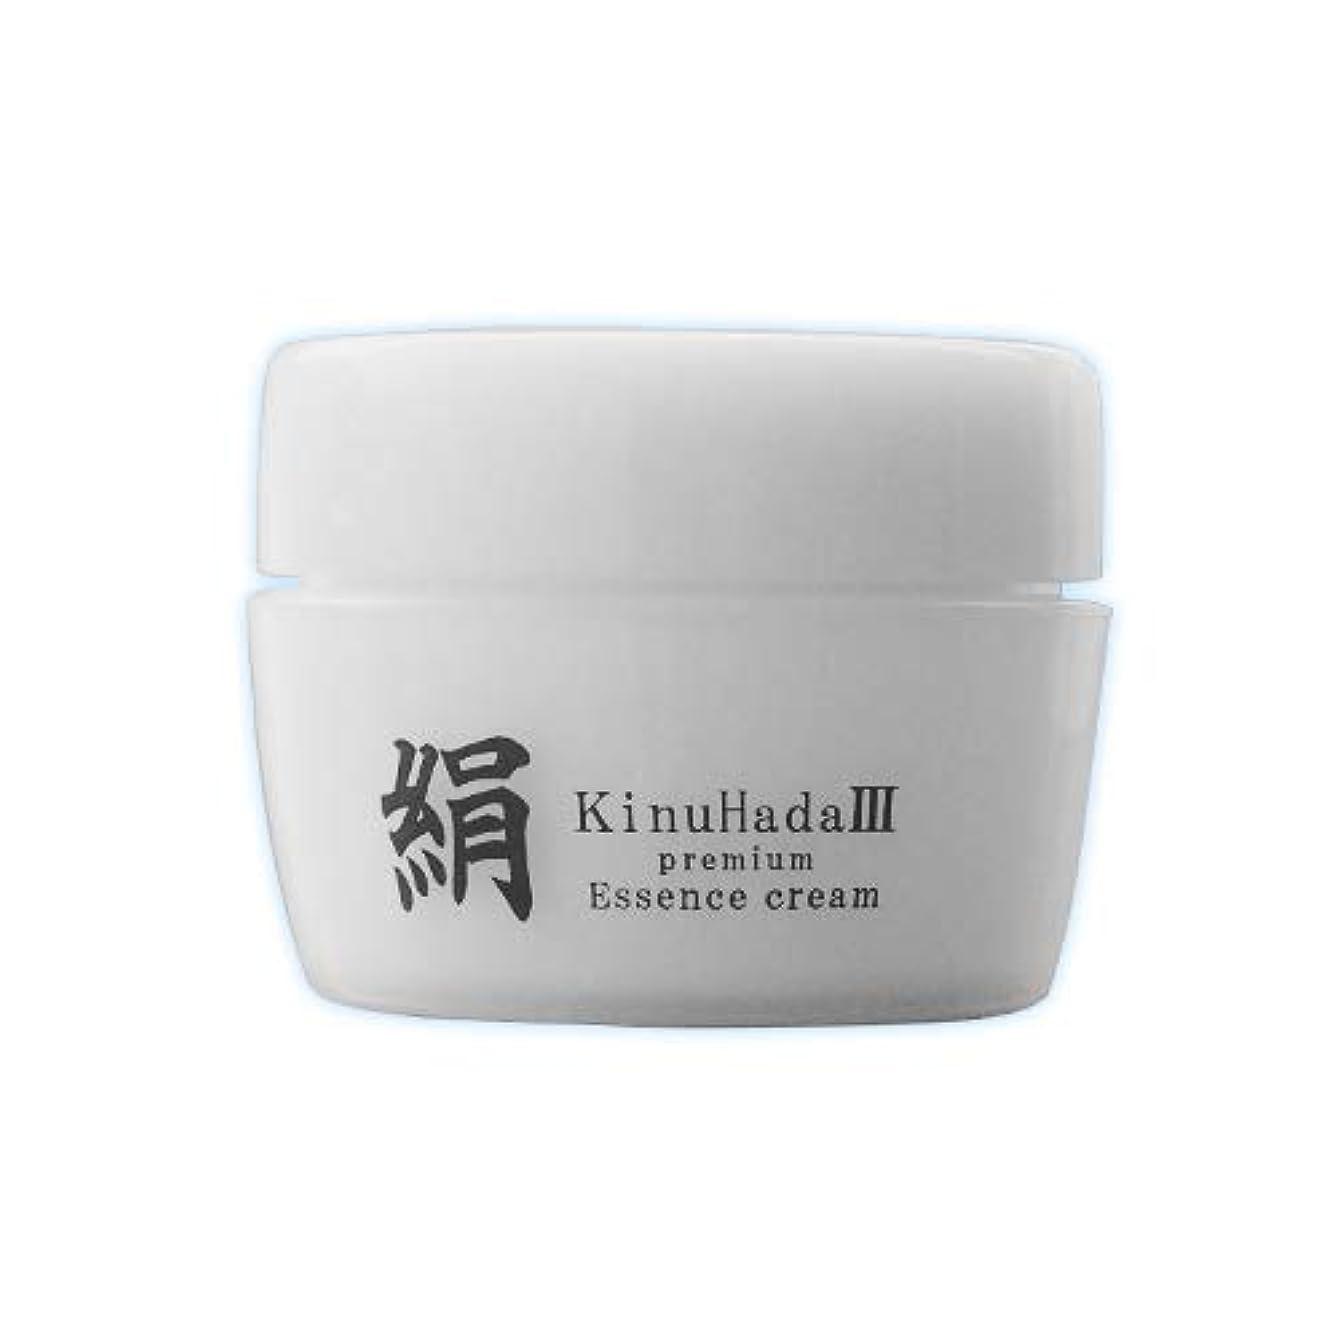 ランドマーク動く申し立てられたKinuHada 3 premium 60g オールインワン 美容液 絹